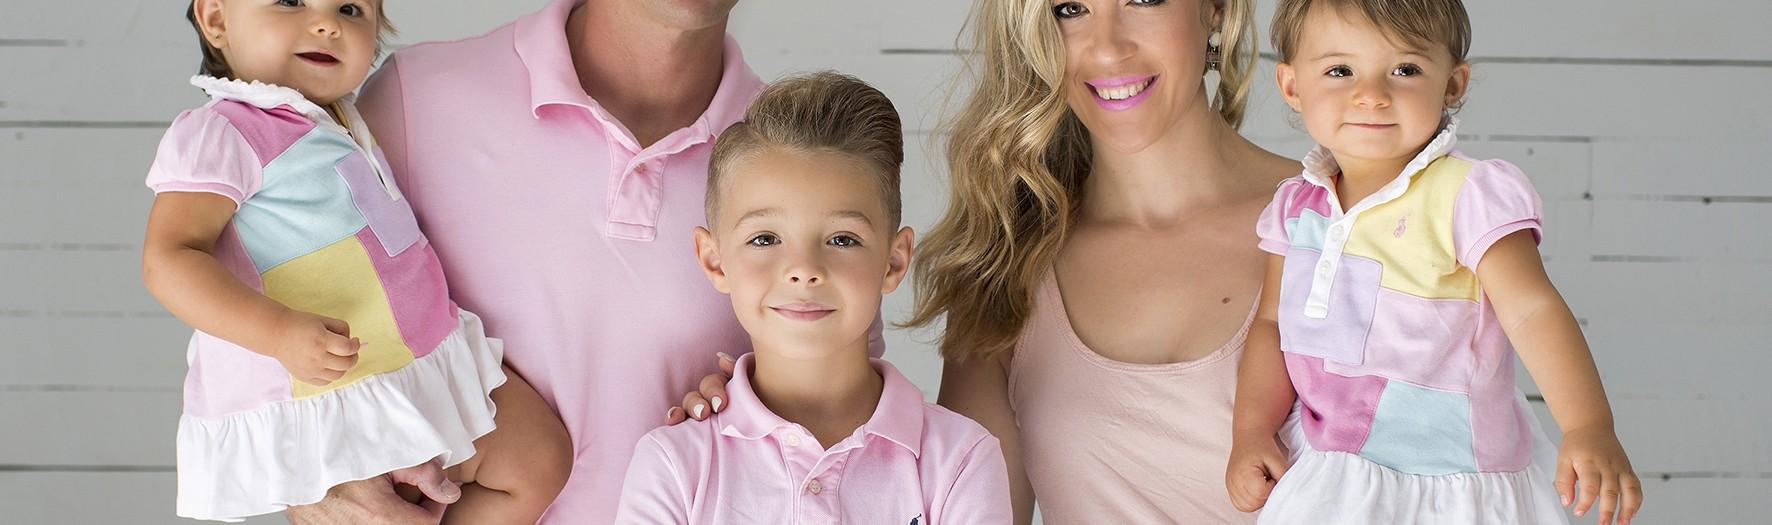 La familia J + Julia y Jimena + Fotos primer cumpleaños + Cake smash + Fotografía infantil en Murcia.